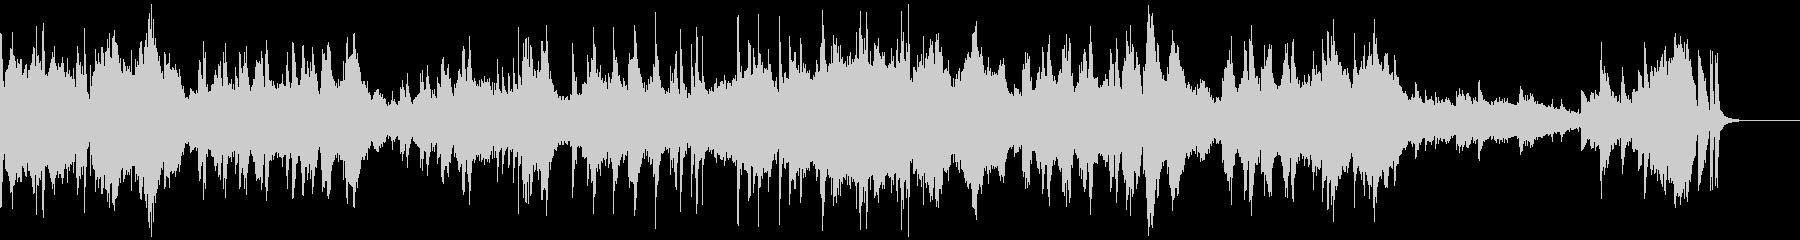 エチュード「革命」(ピアノ)の未再生の波形